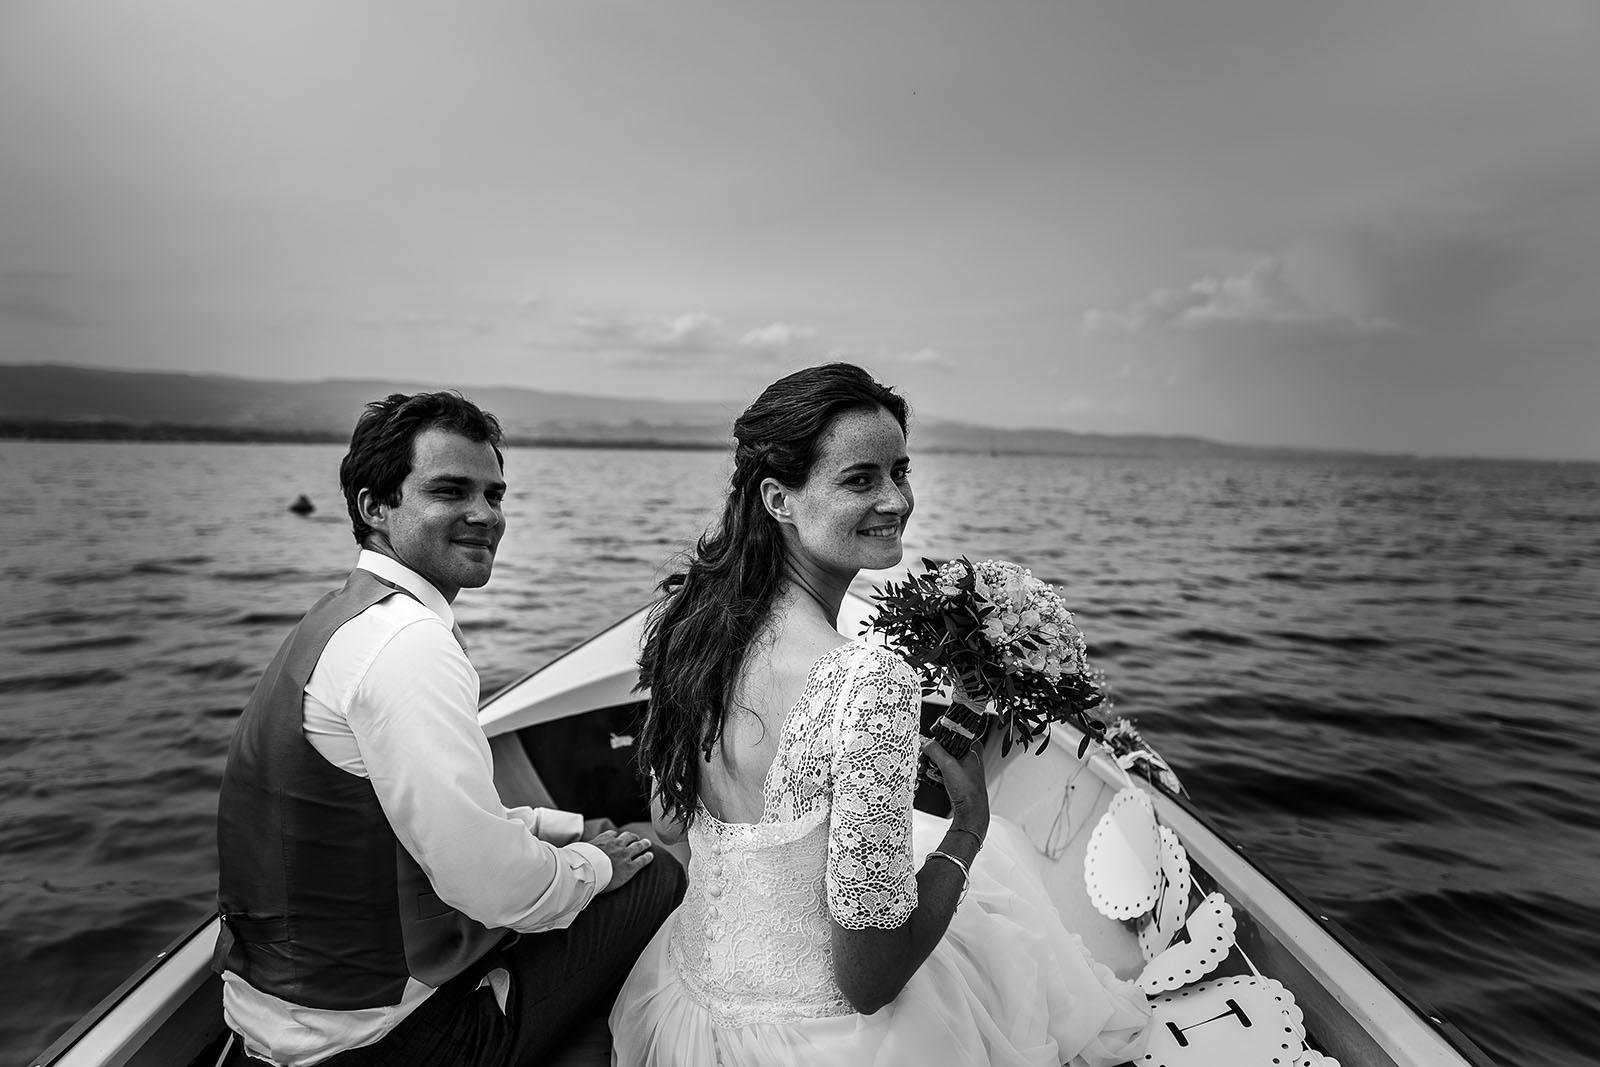 Bohemian marriage in Switzerland Mariage bohème en Suisse Photographe de mariage à Annecy. Les mariés partent en bateau sur le Lac Léman. Photo réalisée par Castille ALMA photographe de mariage au Lac Léman en Haute Savoie.